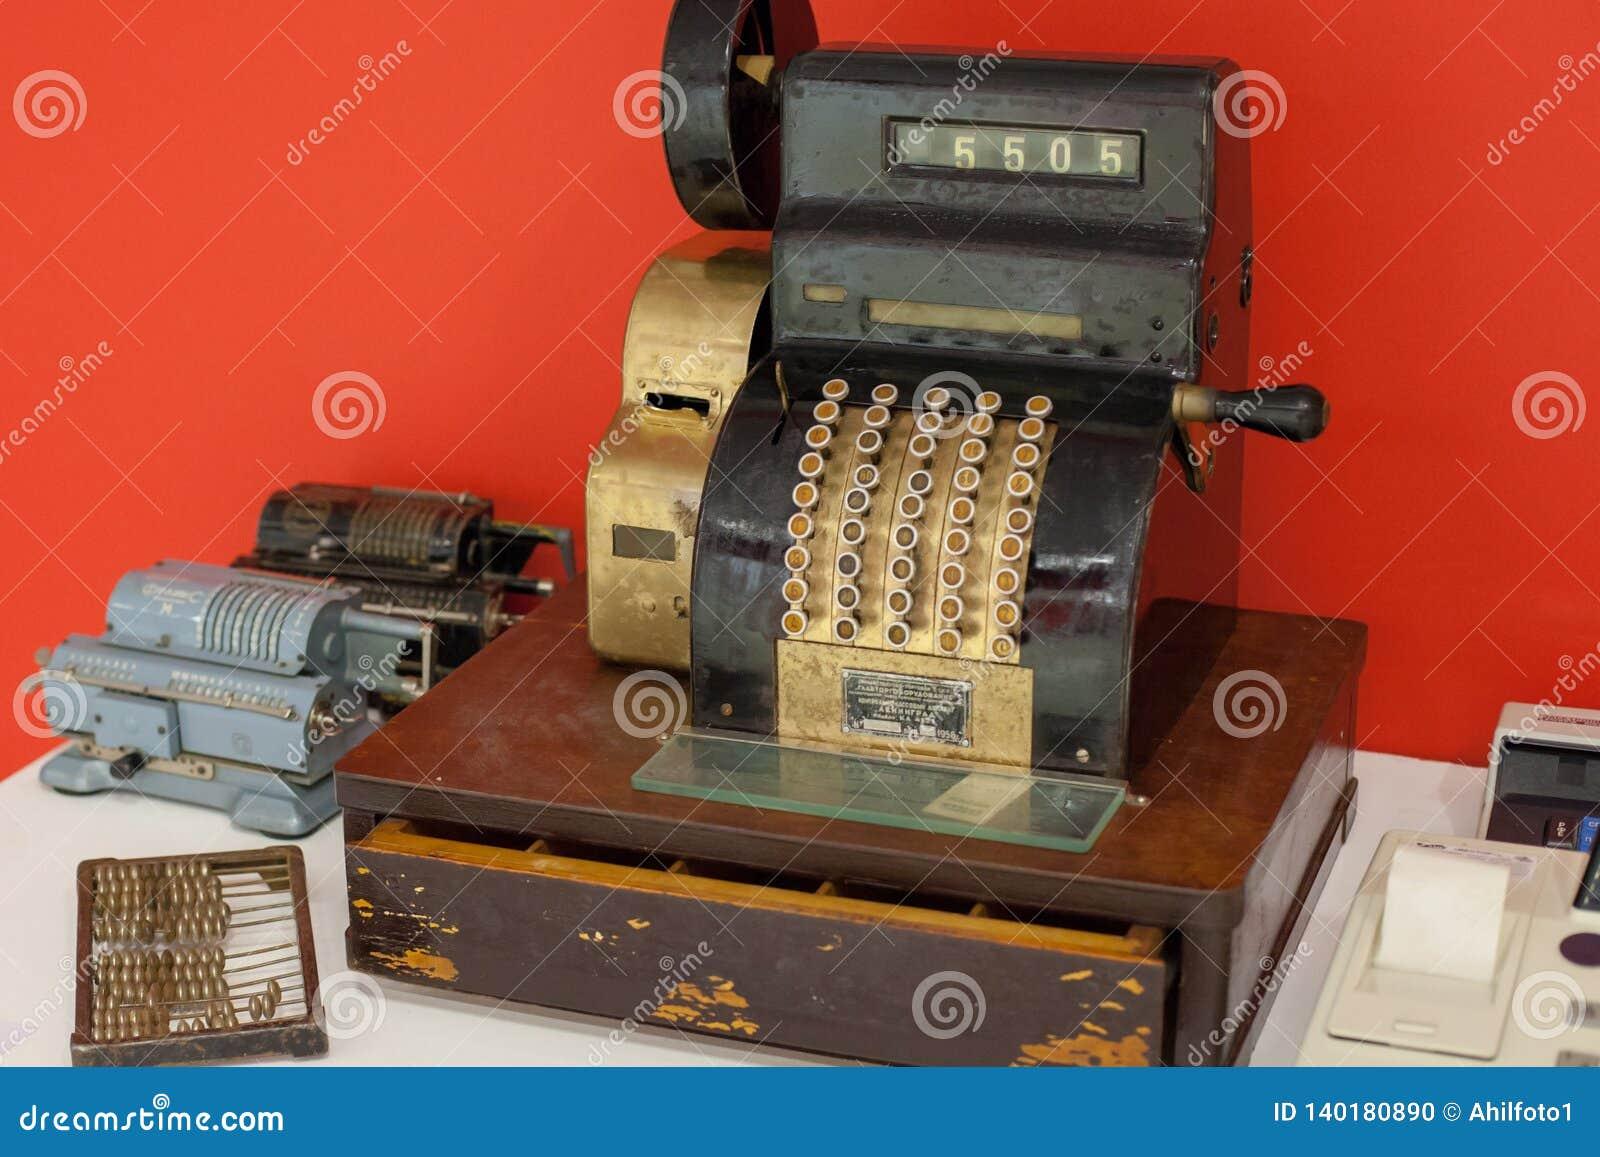 Moscou/Rússia - 9 de janeiro de 2013: caixa registadora muito velha